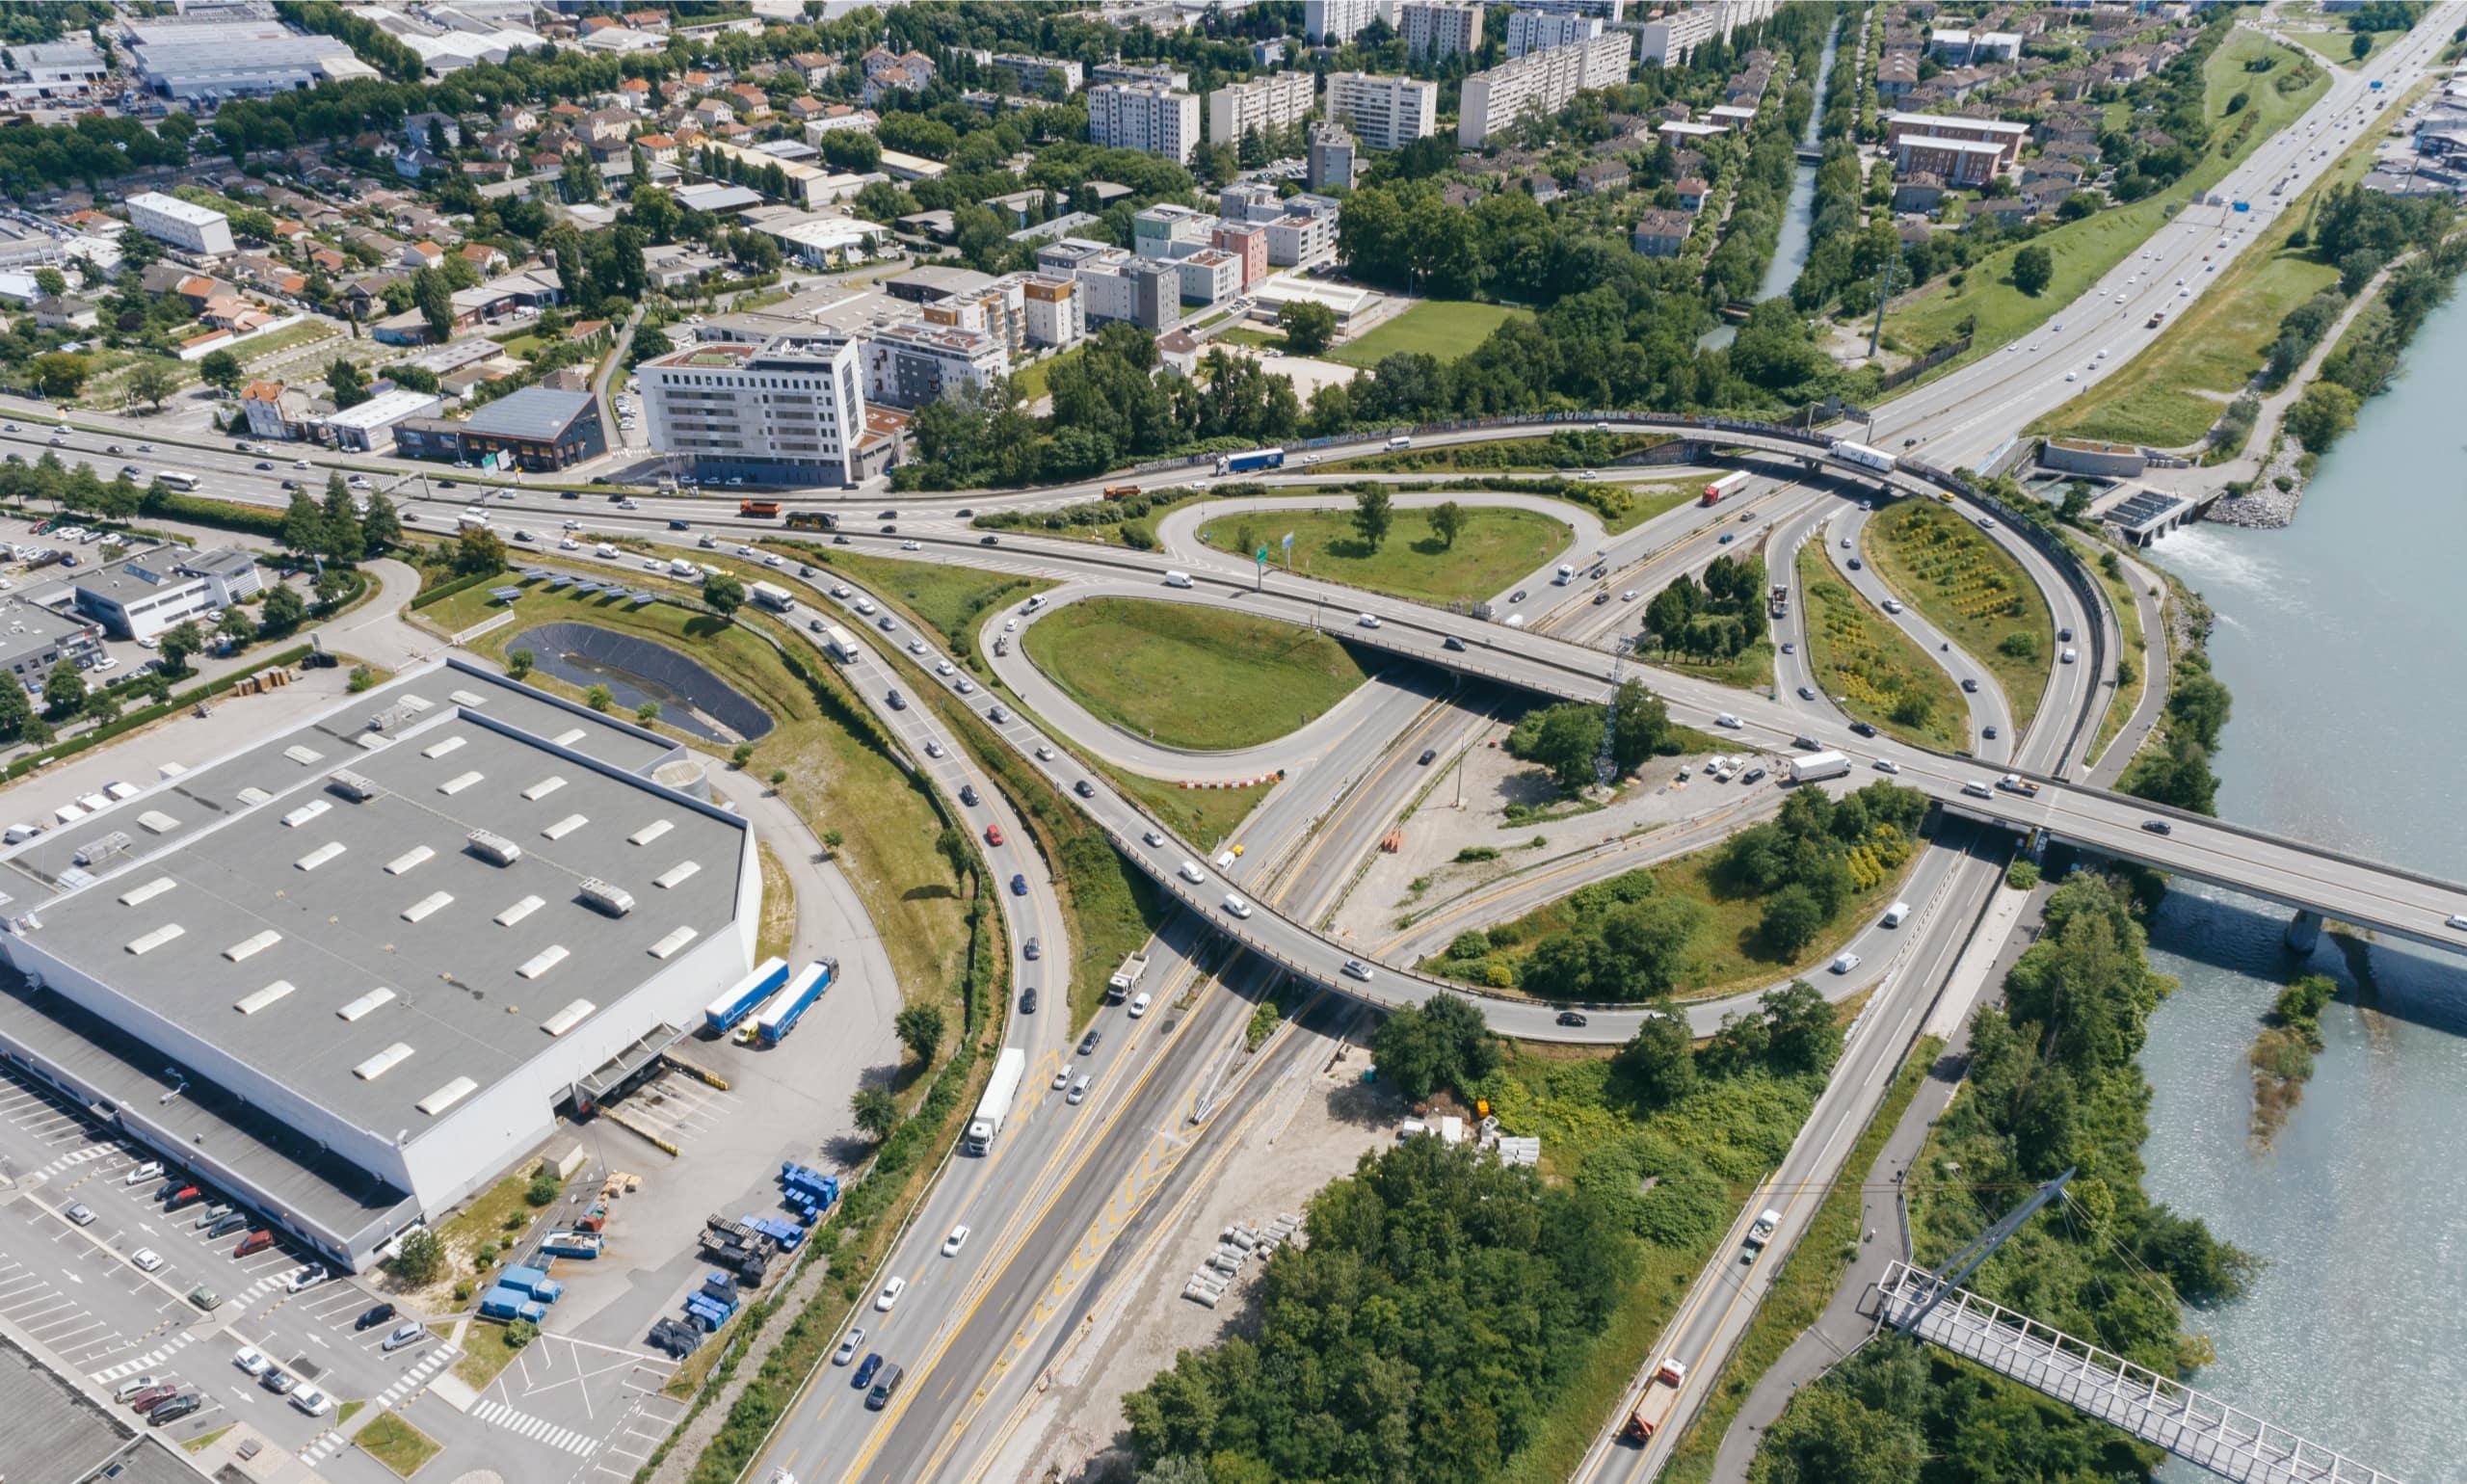 secteur Rondeau et nationale N87 vue du ciel